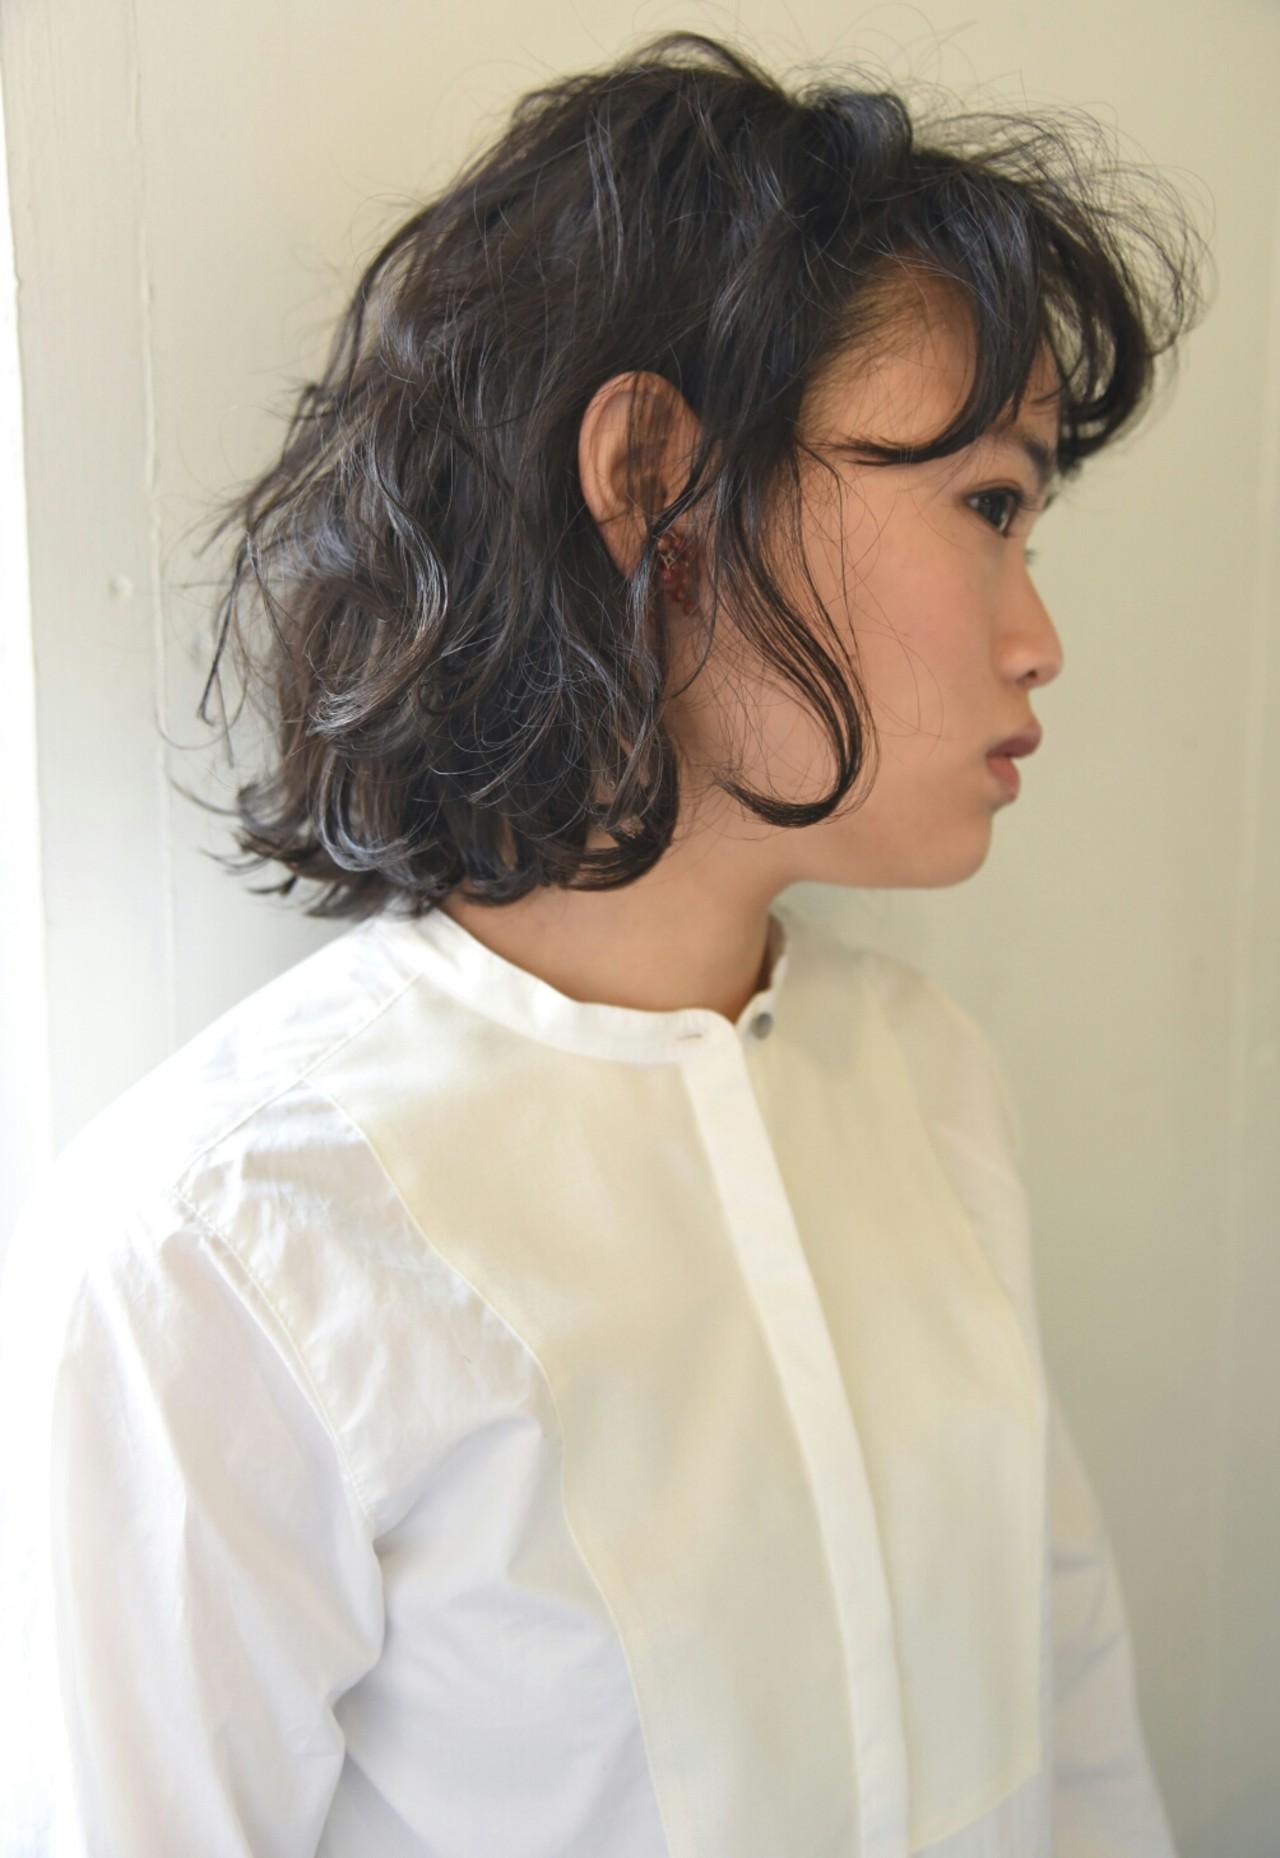 ボブ 外国人風 パーマ 前髪あり ヘアスタイルや髪型の写真・画像